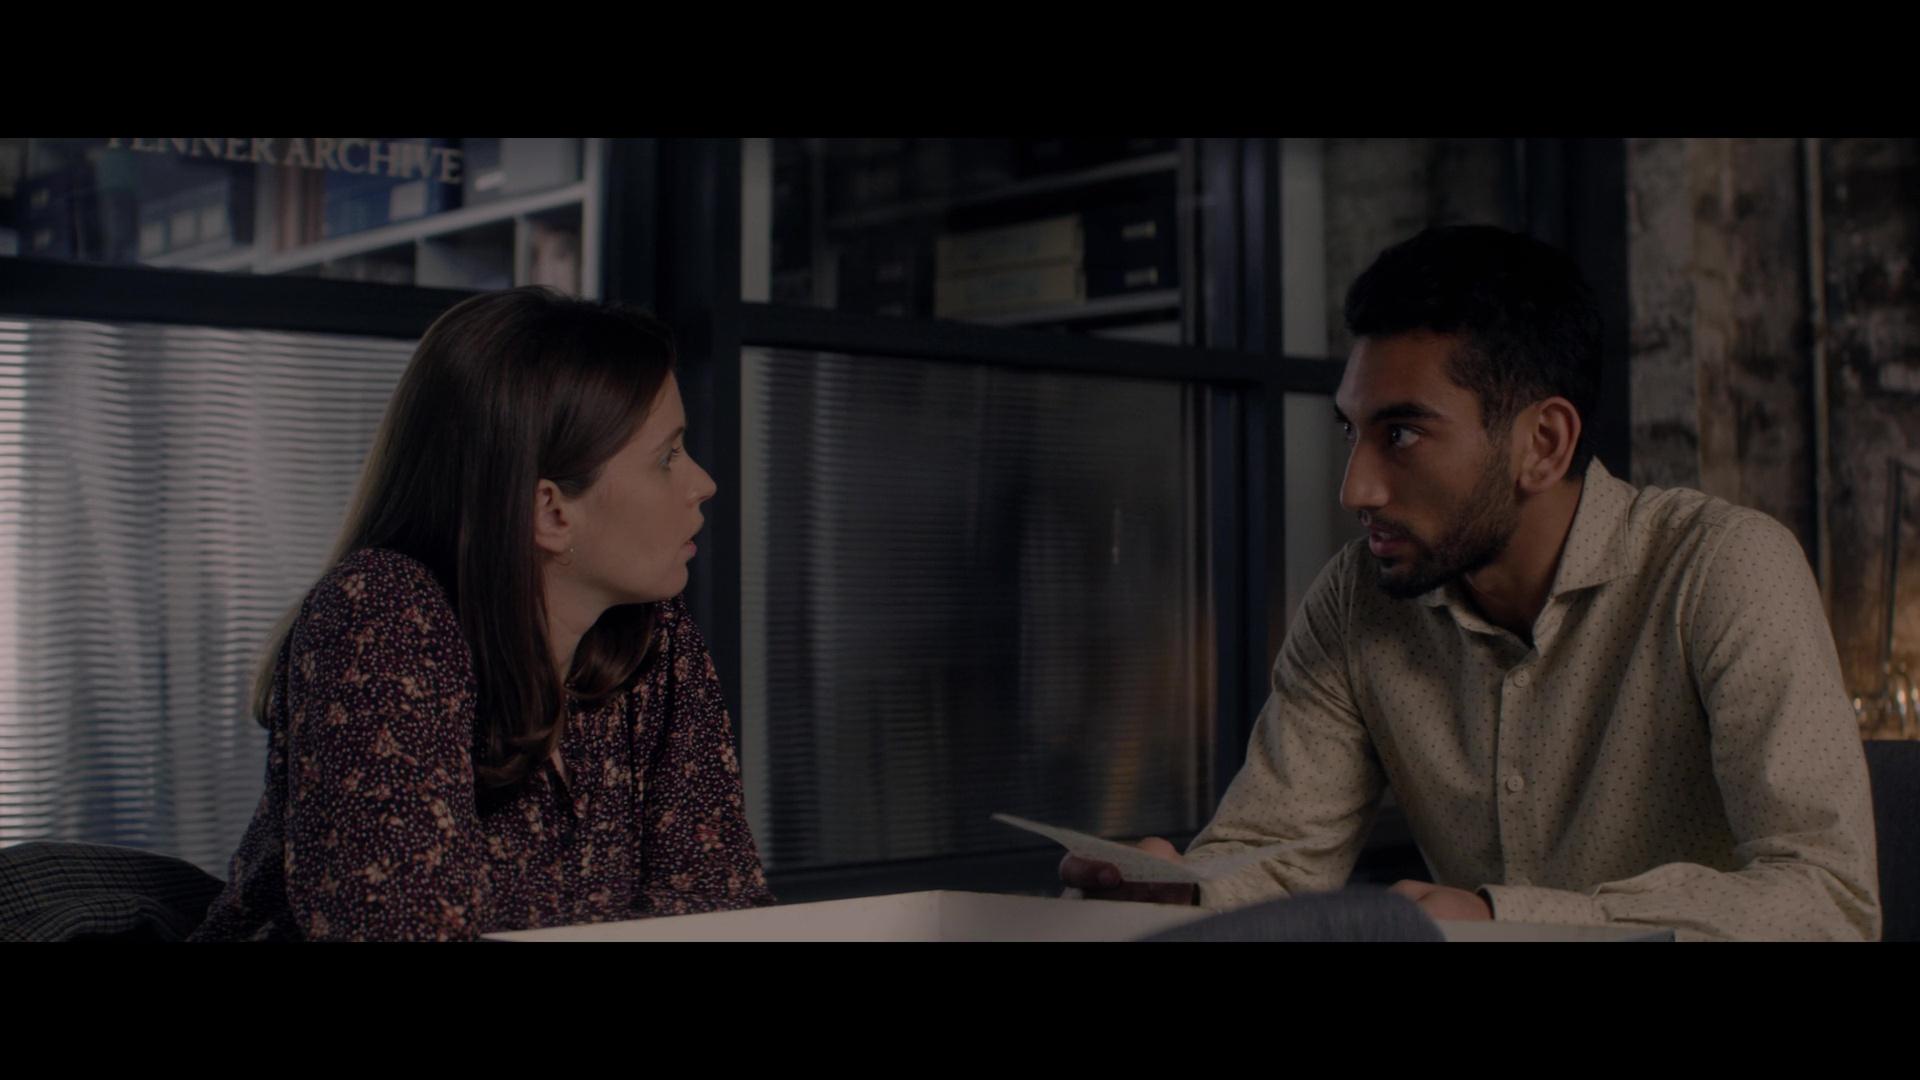 La última carta de amor (2021) 1080p WEB-DL Latino